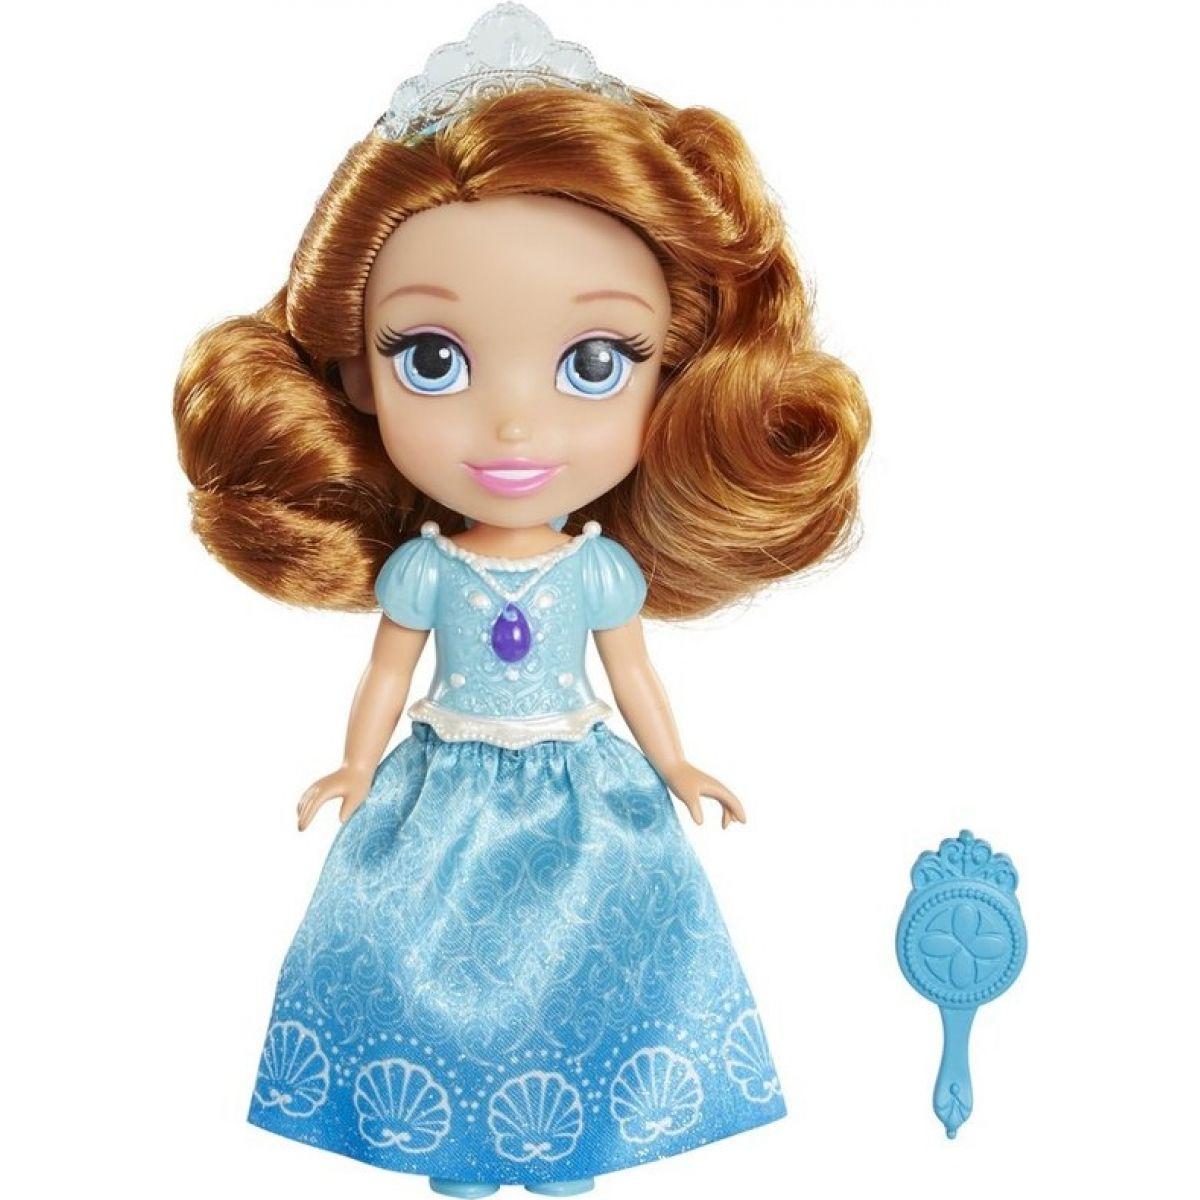 Jakks Disney Sofie První panenka 15 cm Modré šaty